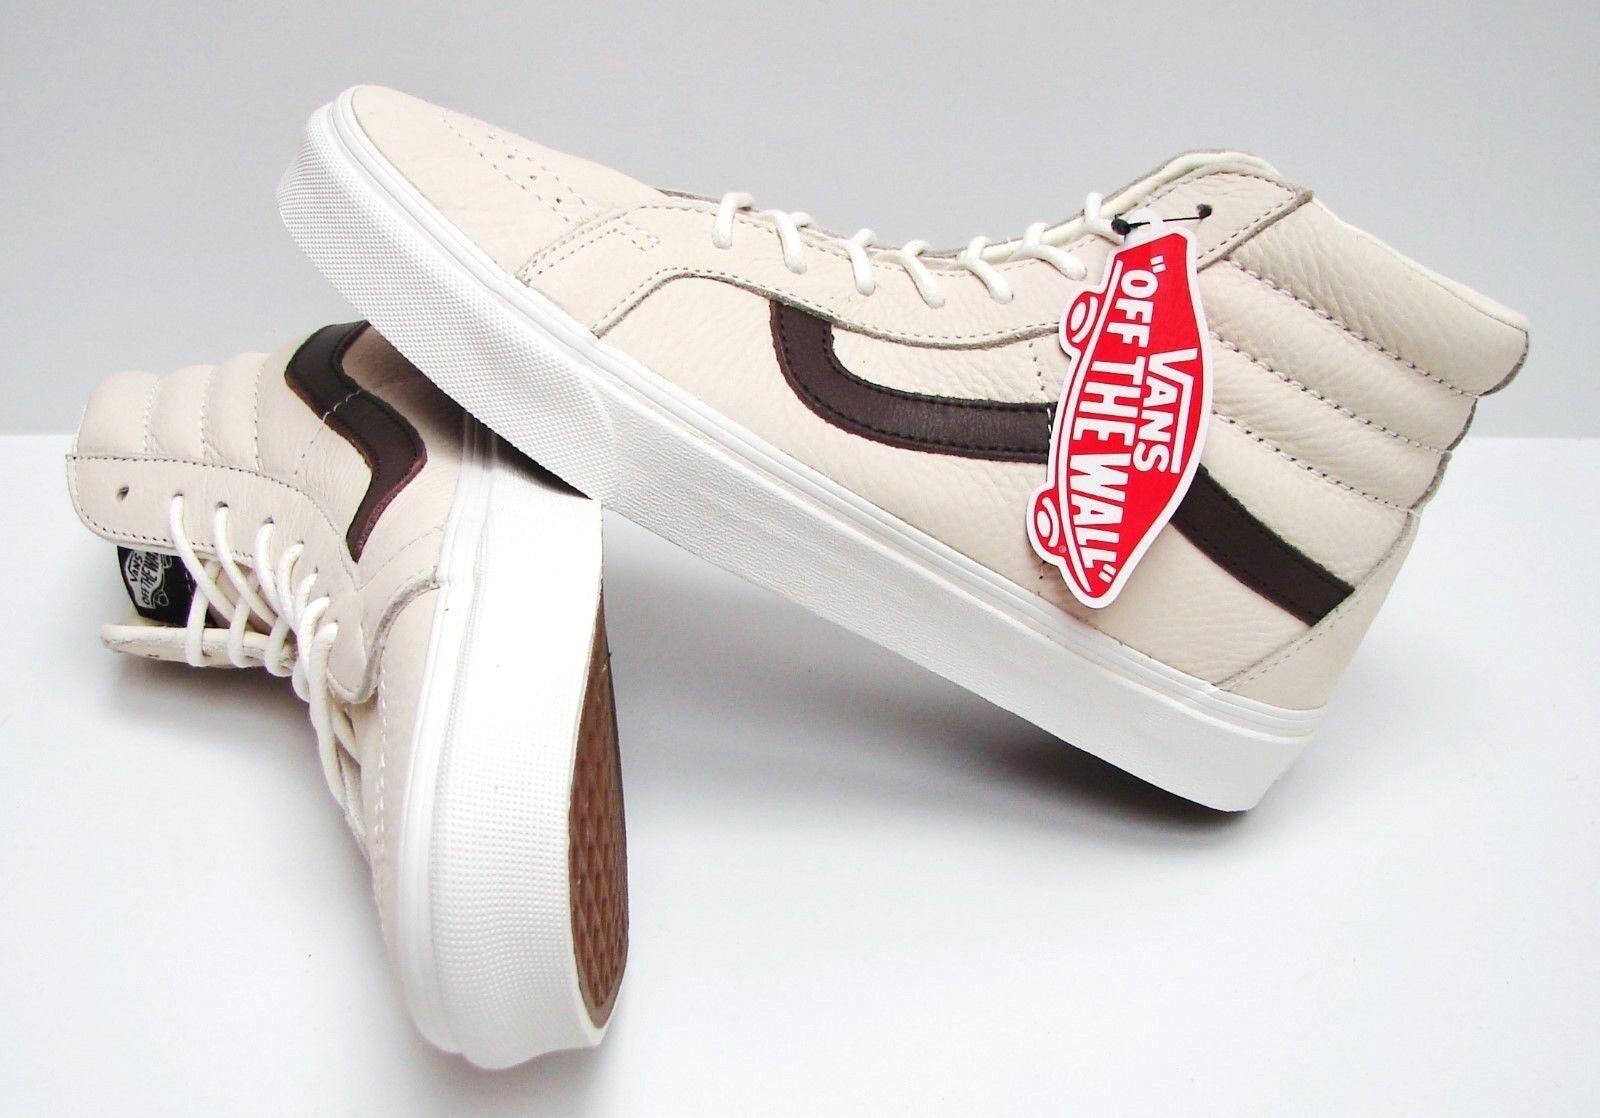 Vans SK8 Hi Reissue Leather white Potting Soil VN0A2XSBLYT Men's Size 13